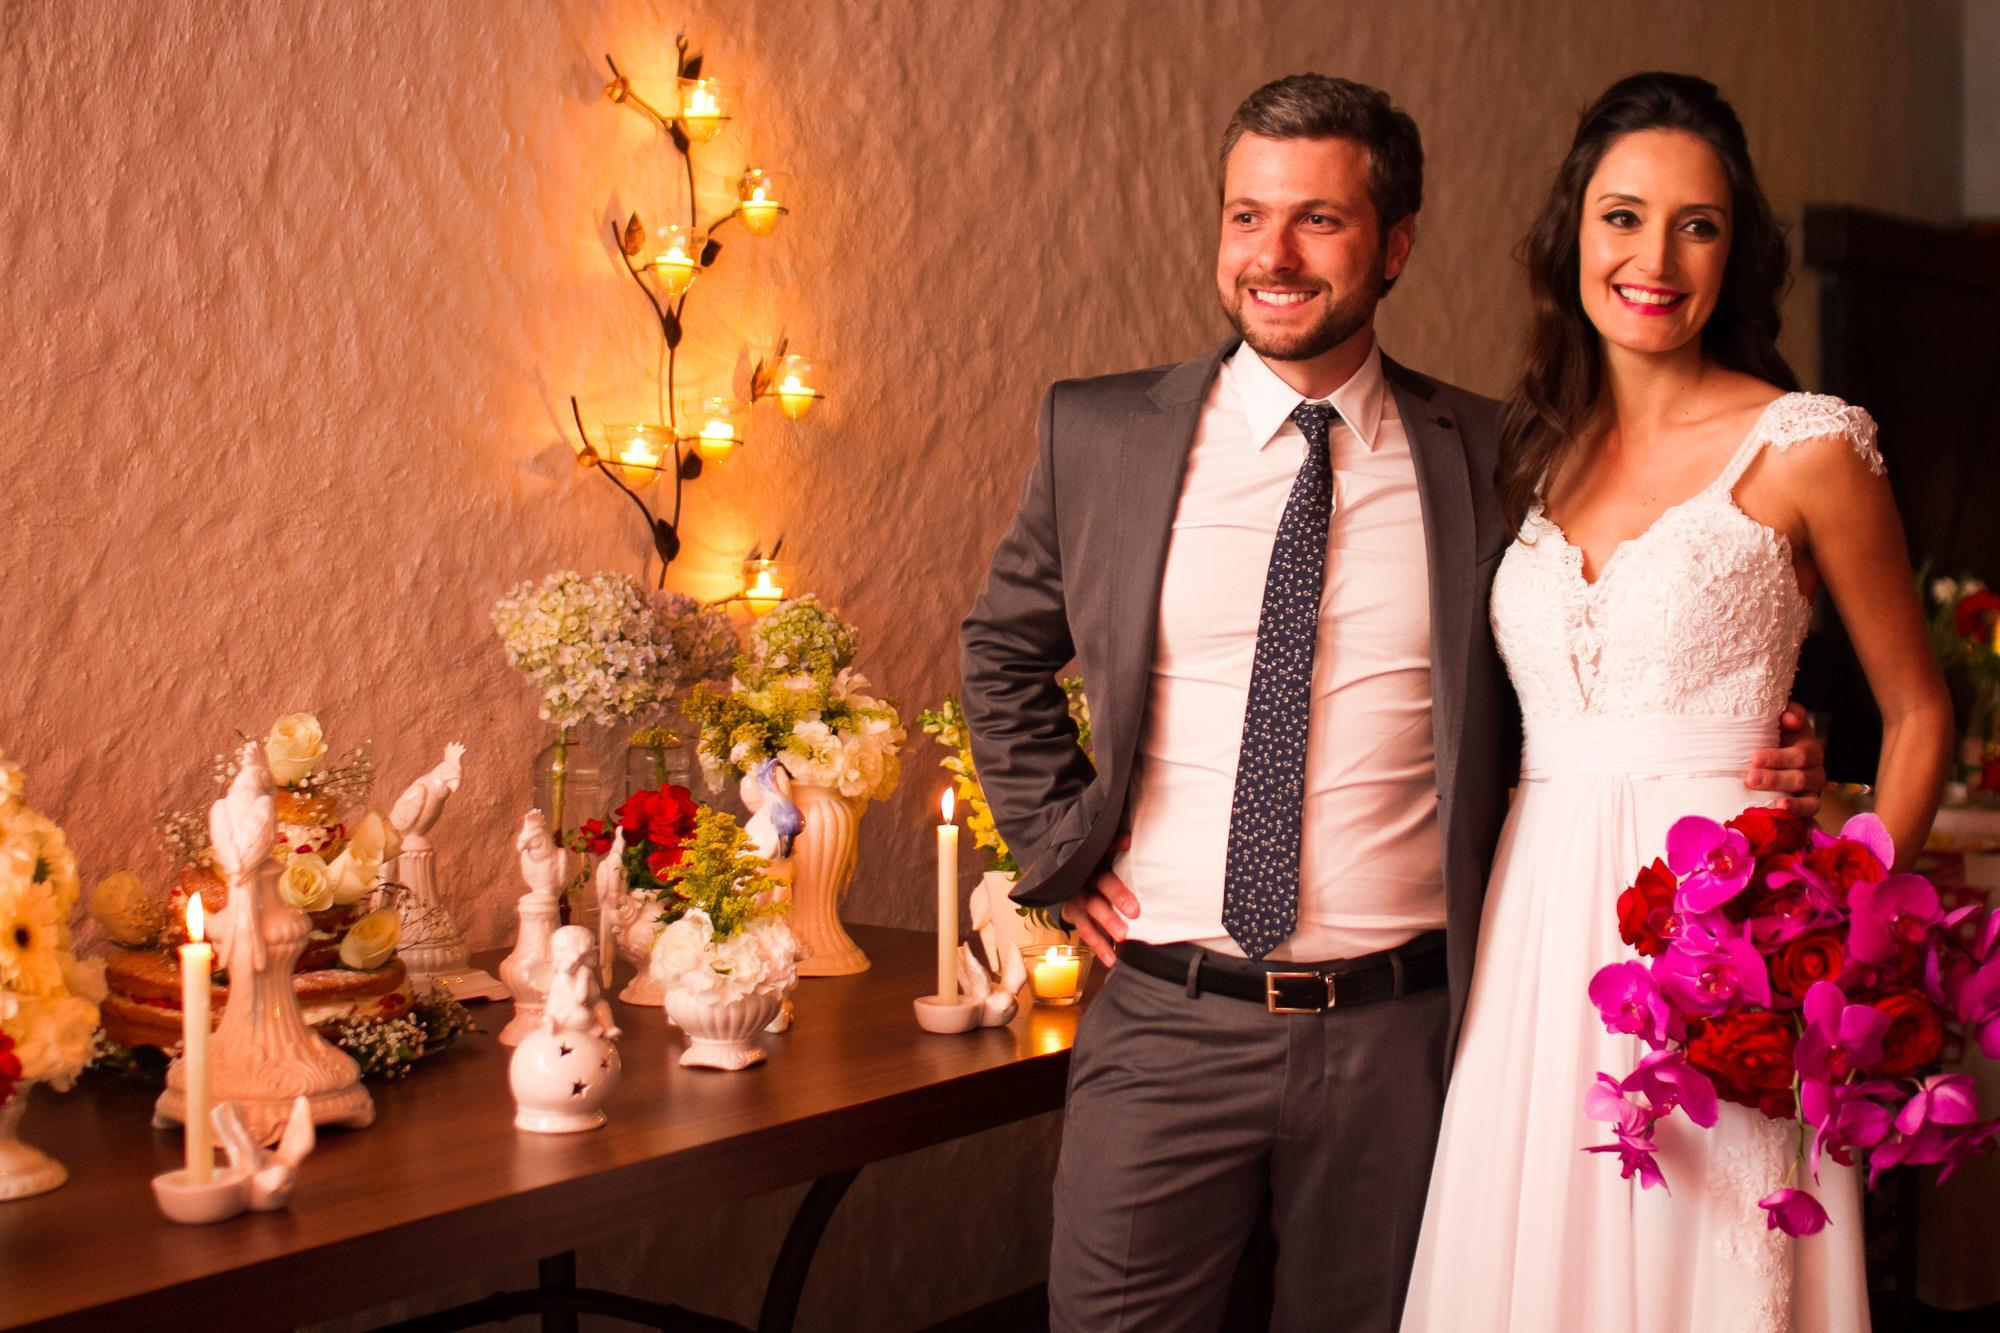 CasamentoResidenciaParticular-foto8